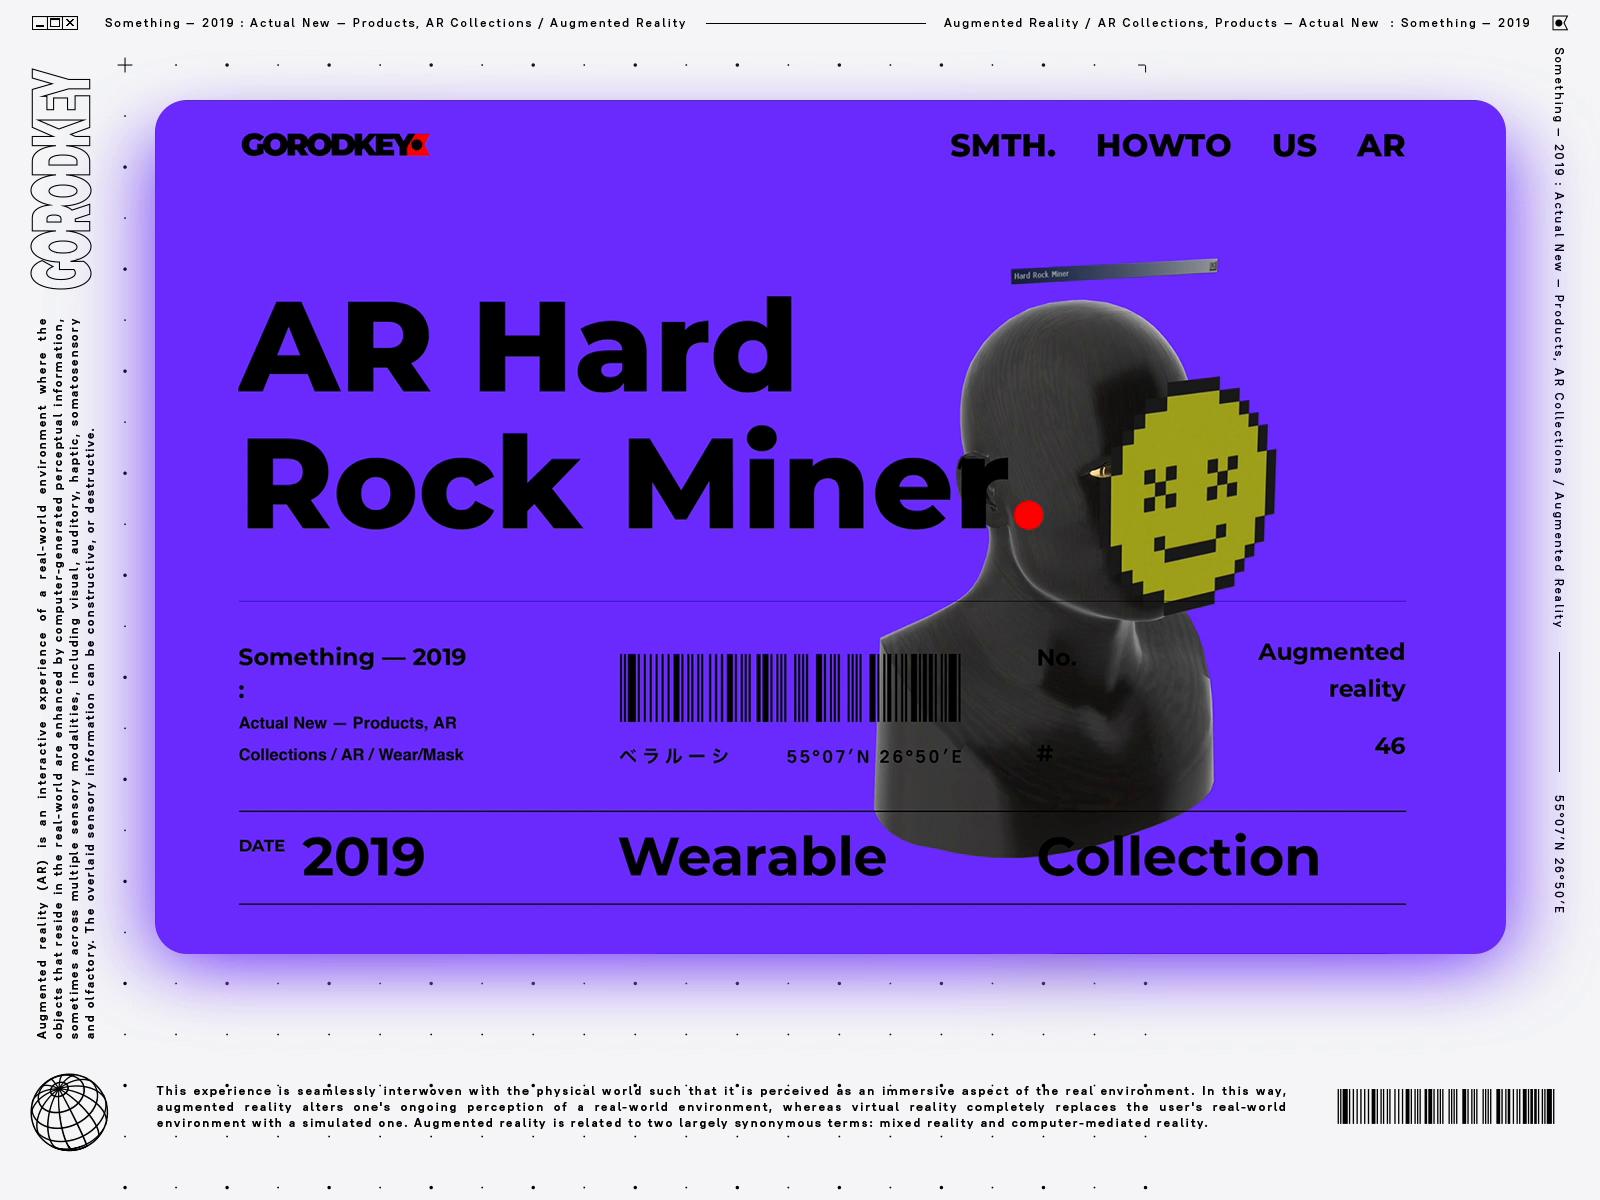 AR Hard Rock Miner